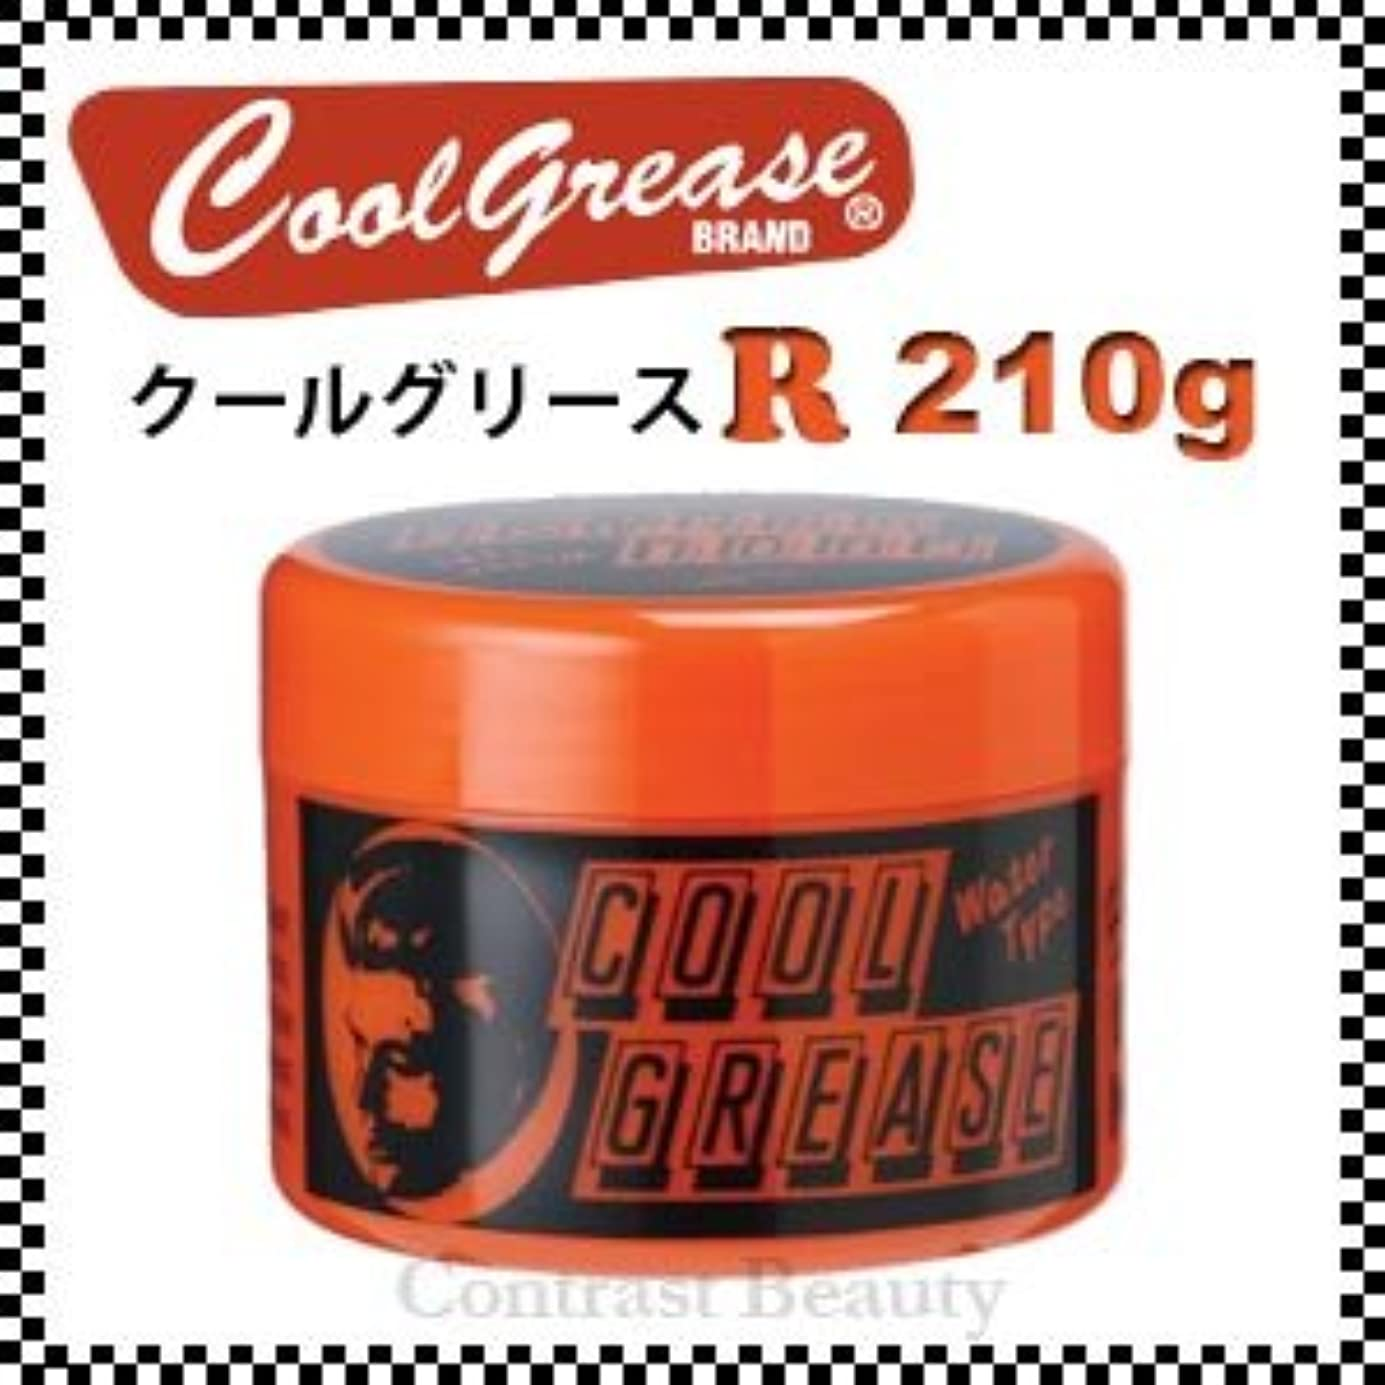 全部クロスコットン【X2個セット】 阪本高生堂 クールグリース R 210g